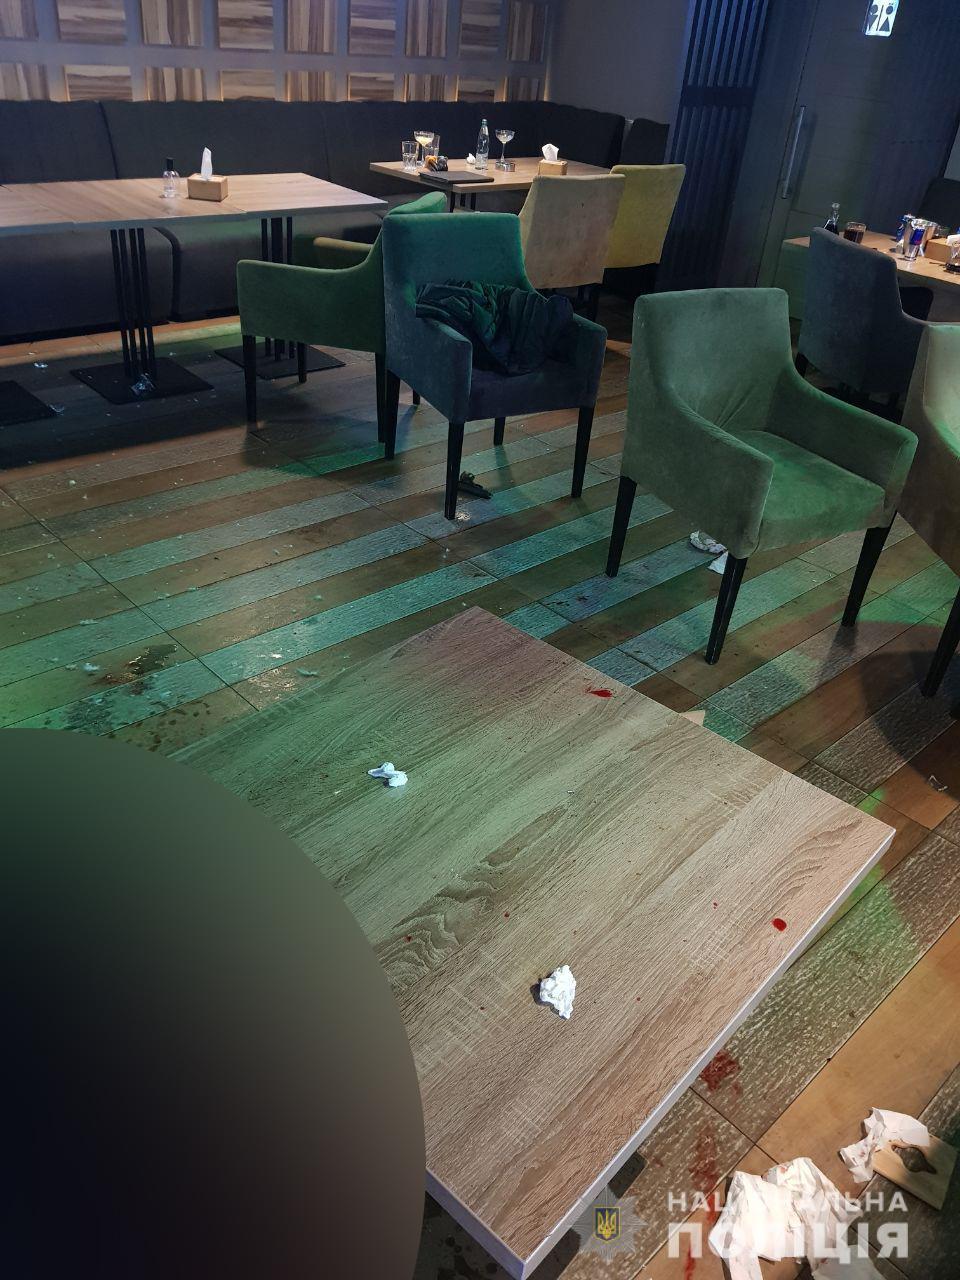 Смерть стрелка в ресторане Харькова: в полиции уточнили подробности об умершем